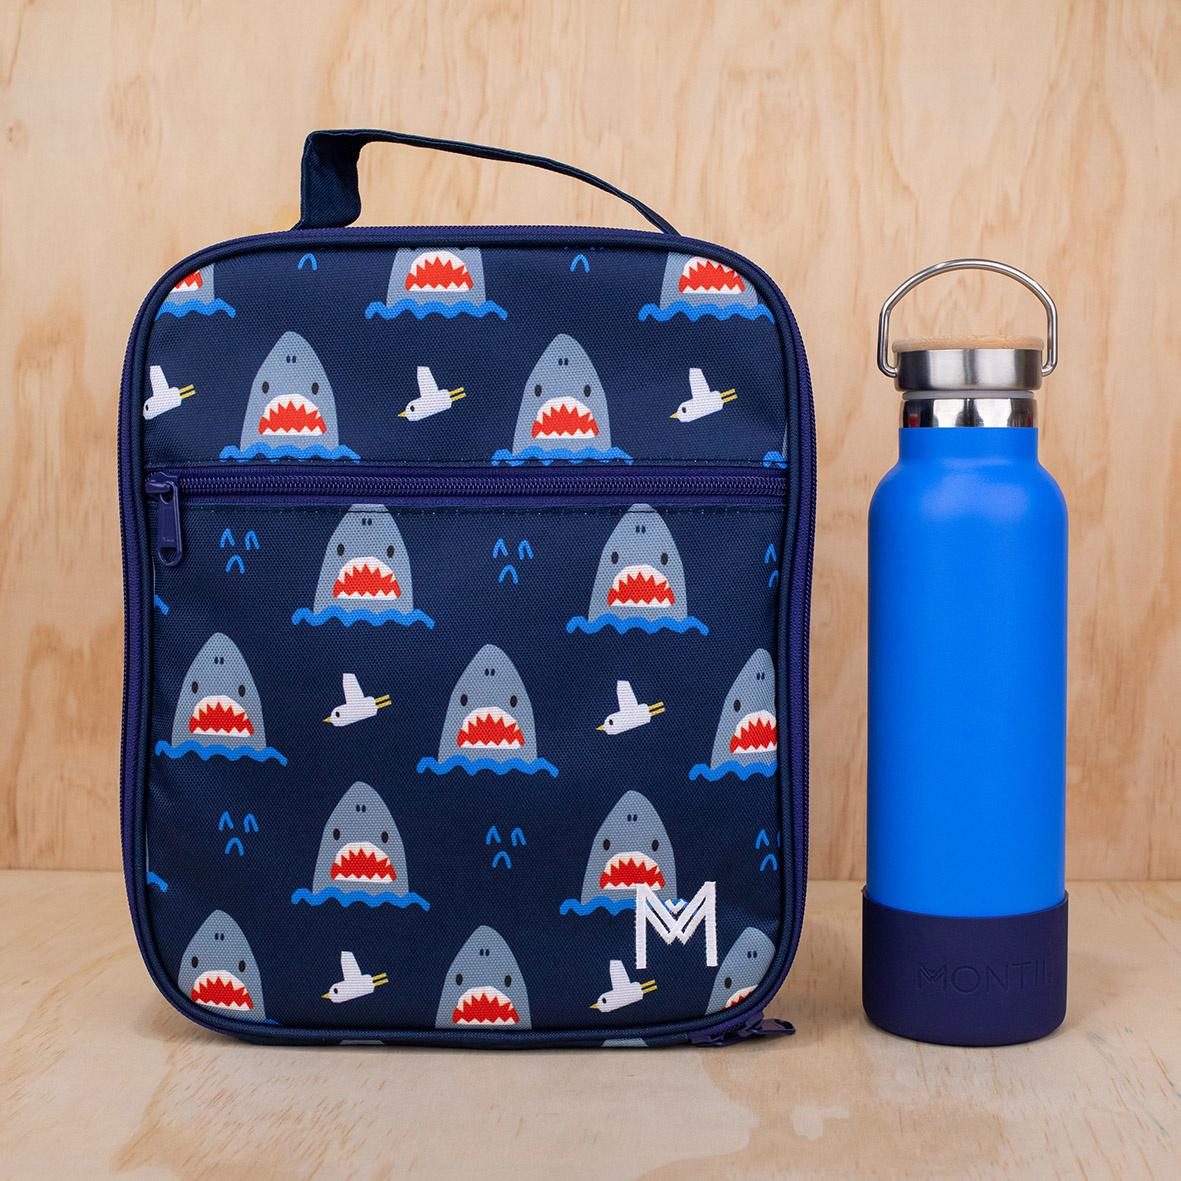 Montii thermisch isolerende Lunch Bag - Haai V2-6